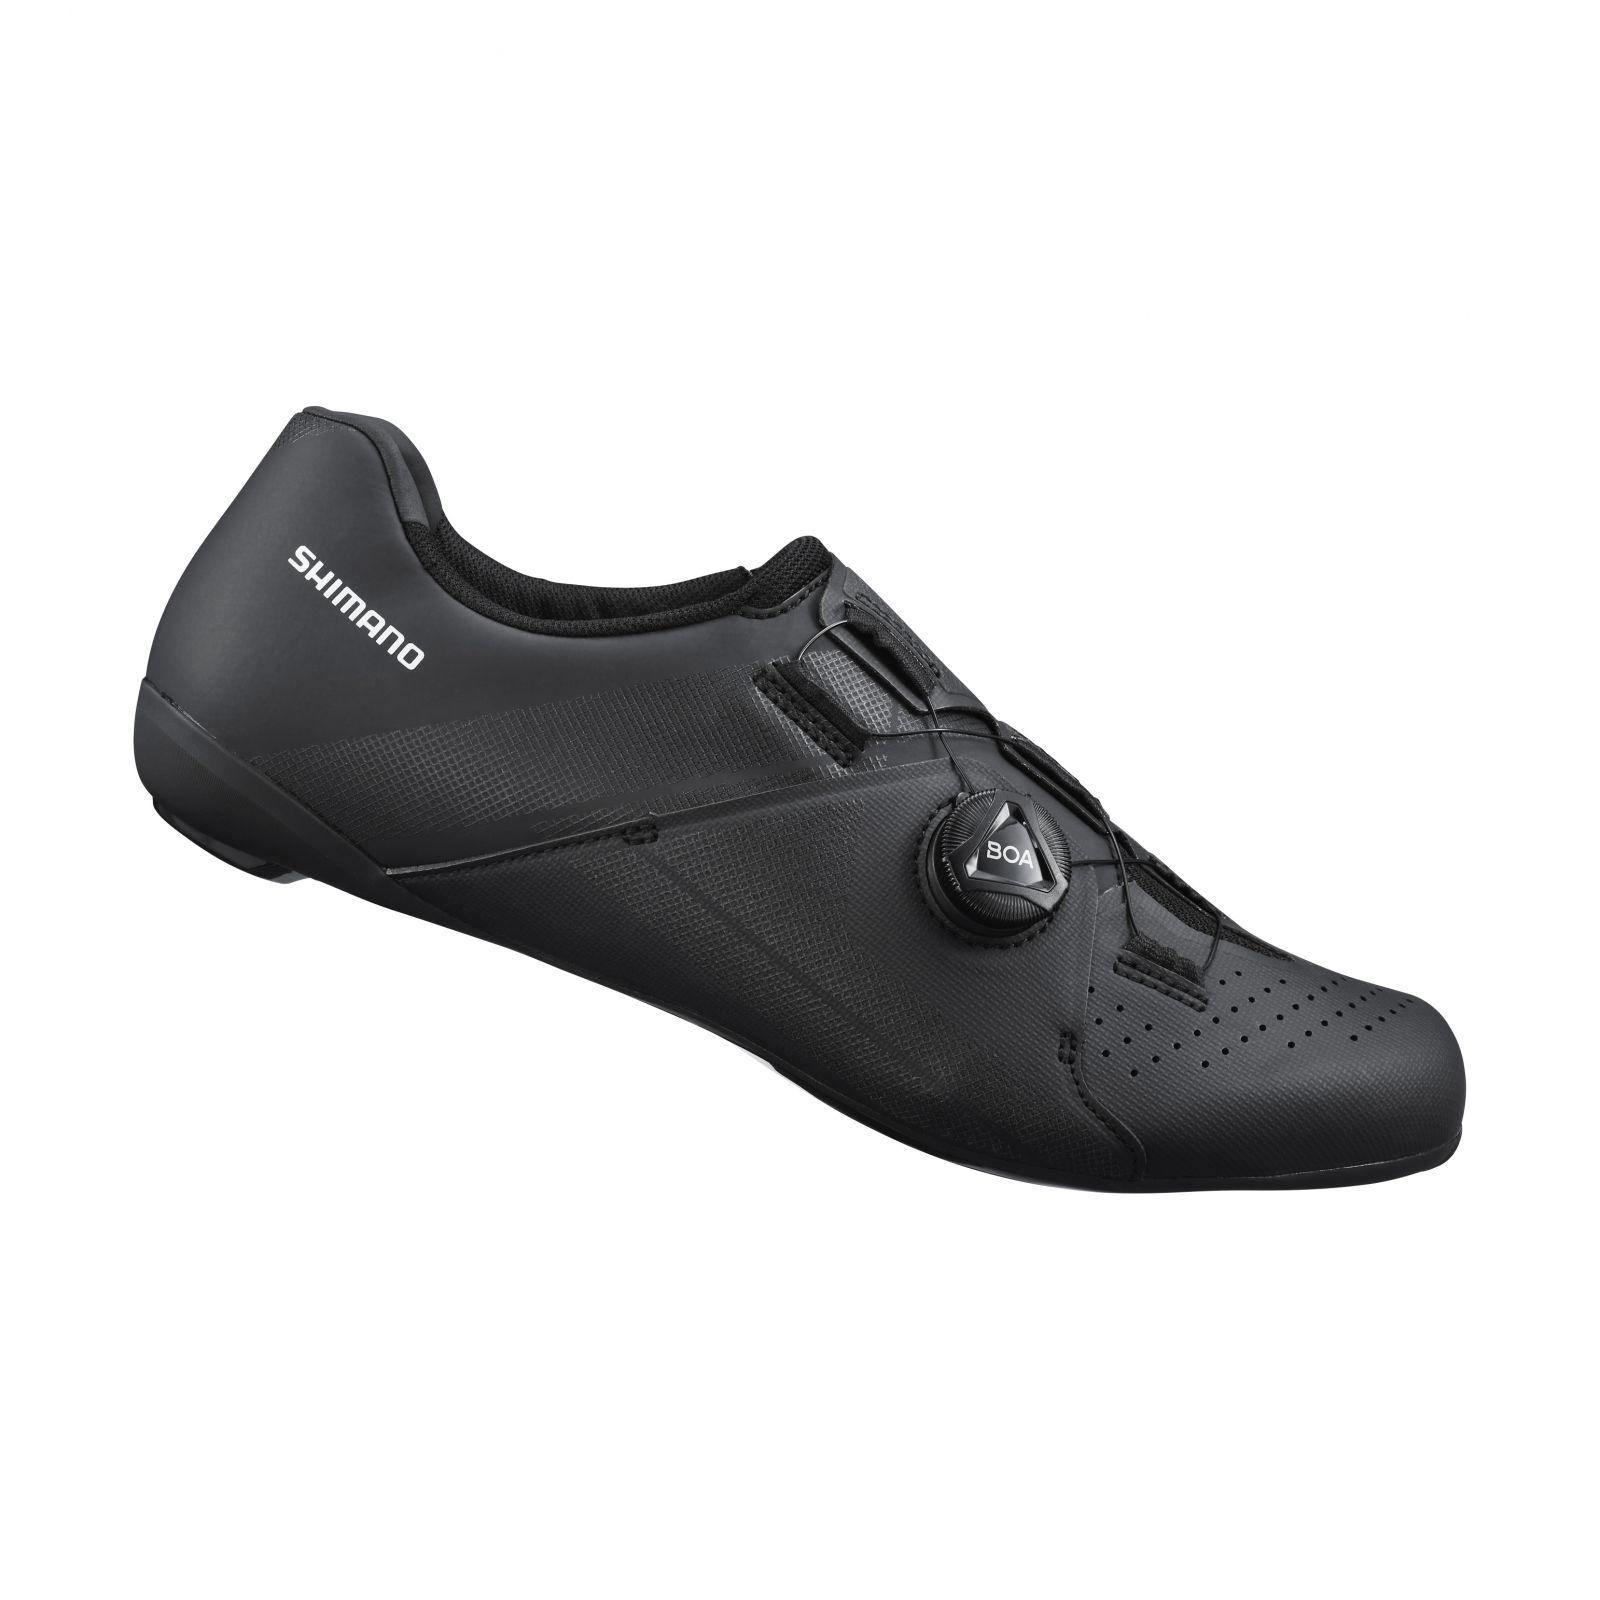 SHIMANO silniční obuv SH-RC300ML, černá, 42